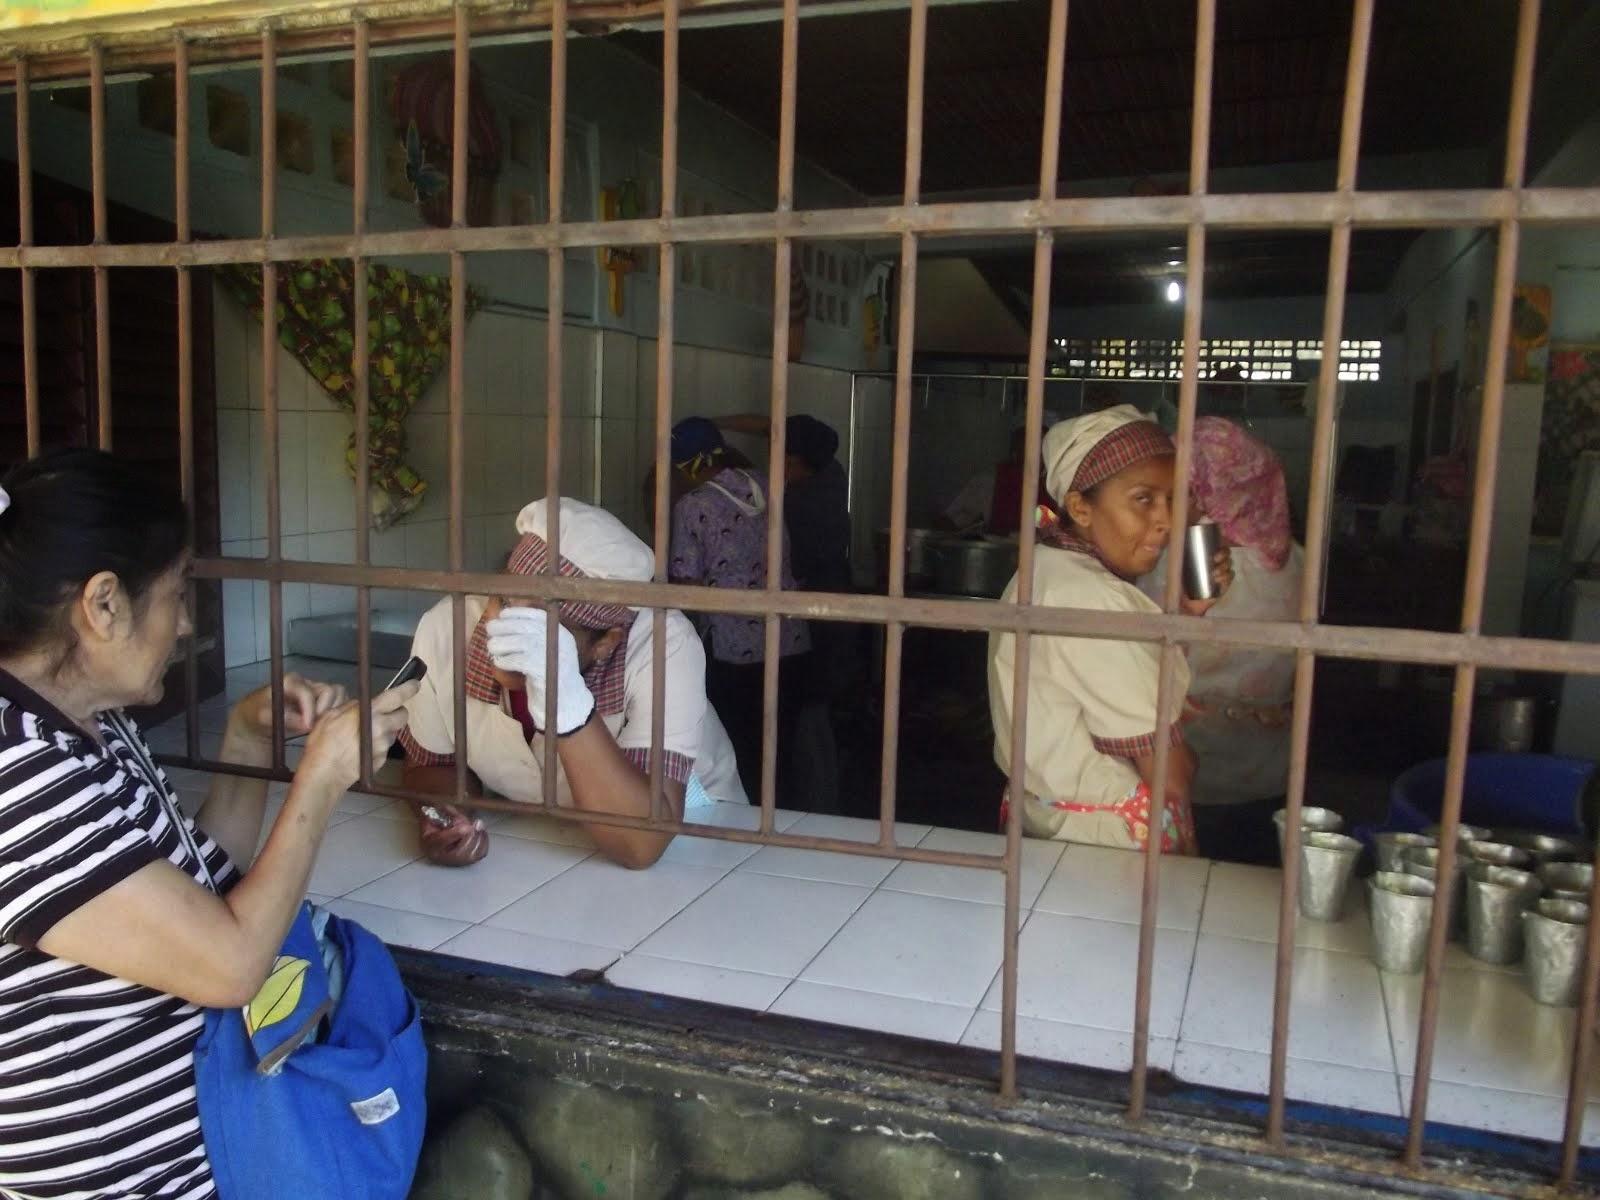 MADRES MANIPULADORAS PREPARAN LOS ALIMENTOS PARA LOS 660 NIÑOS DE LA ESCUELA